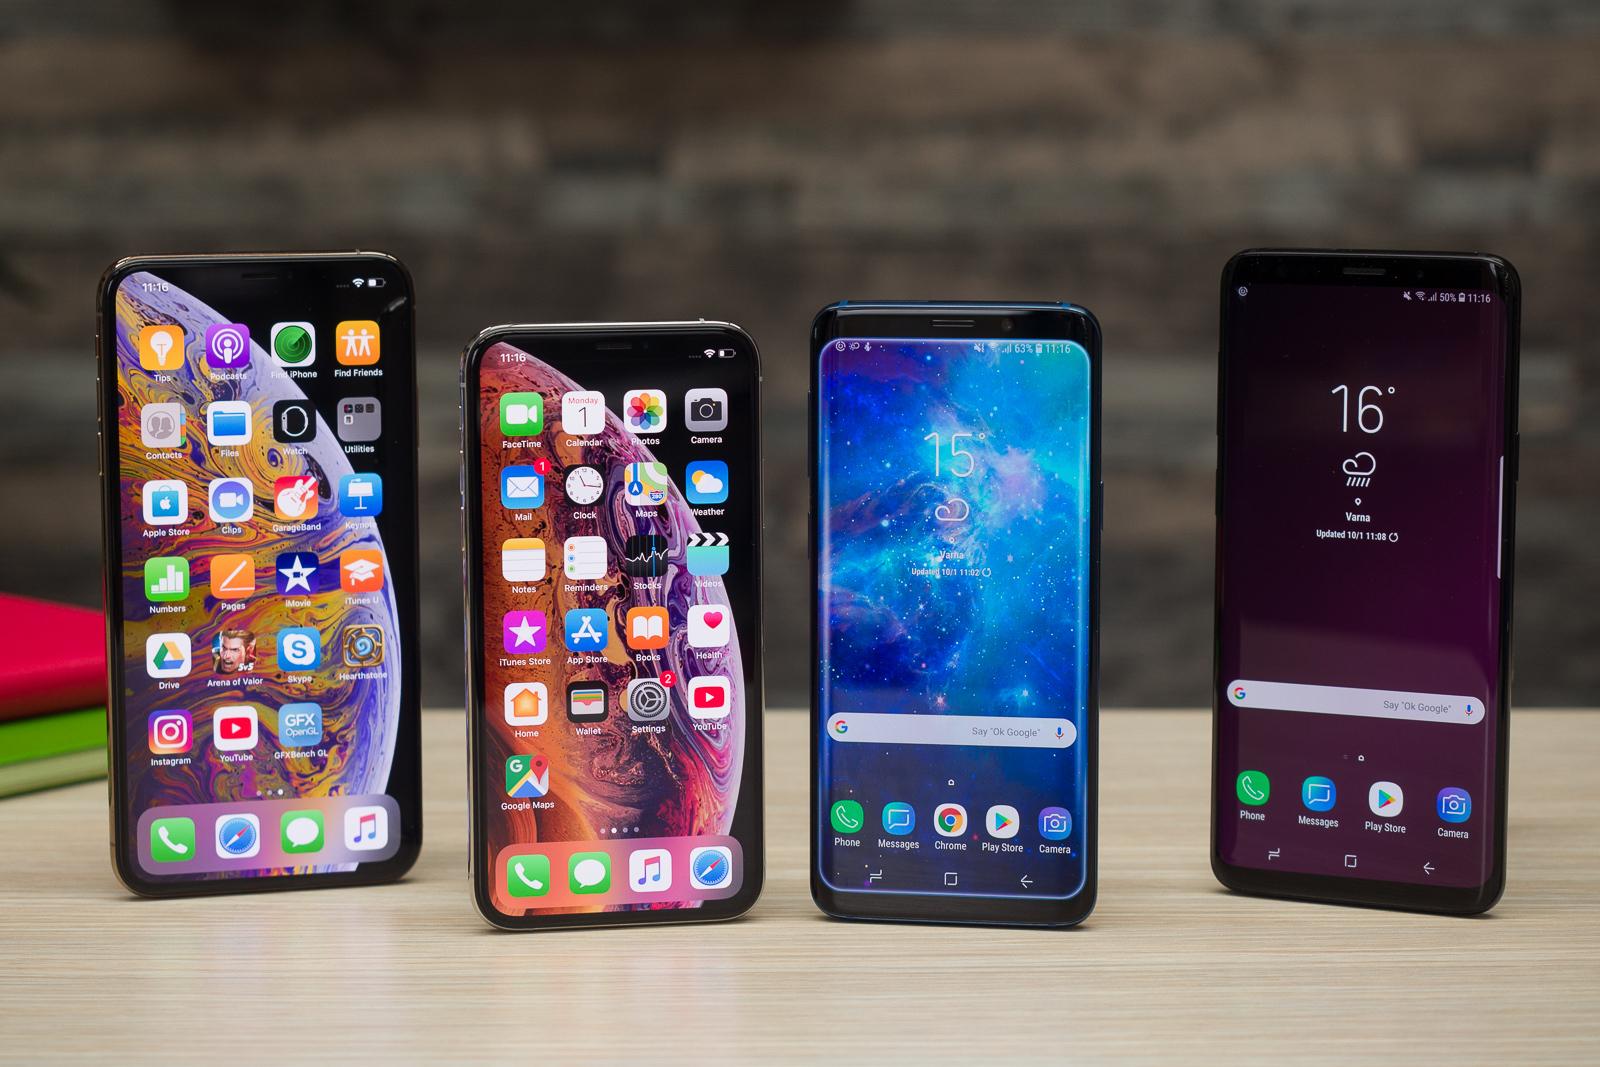 Tại sao tất cả các smartphone đều trông giống nhau?